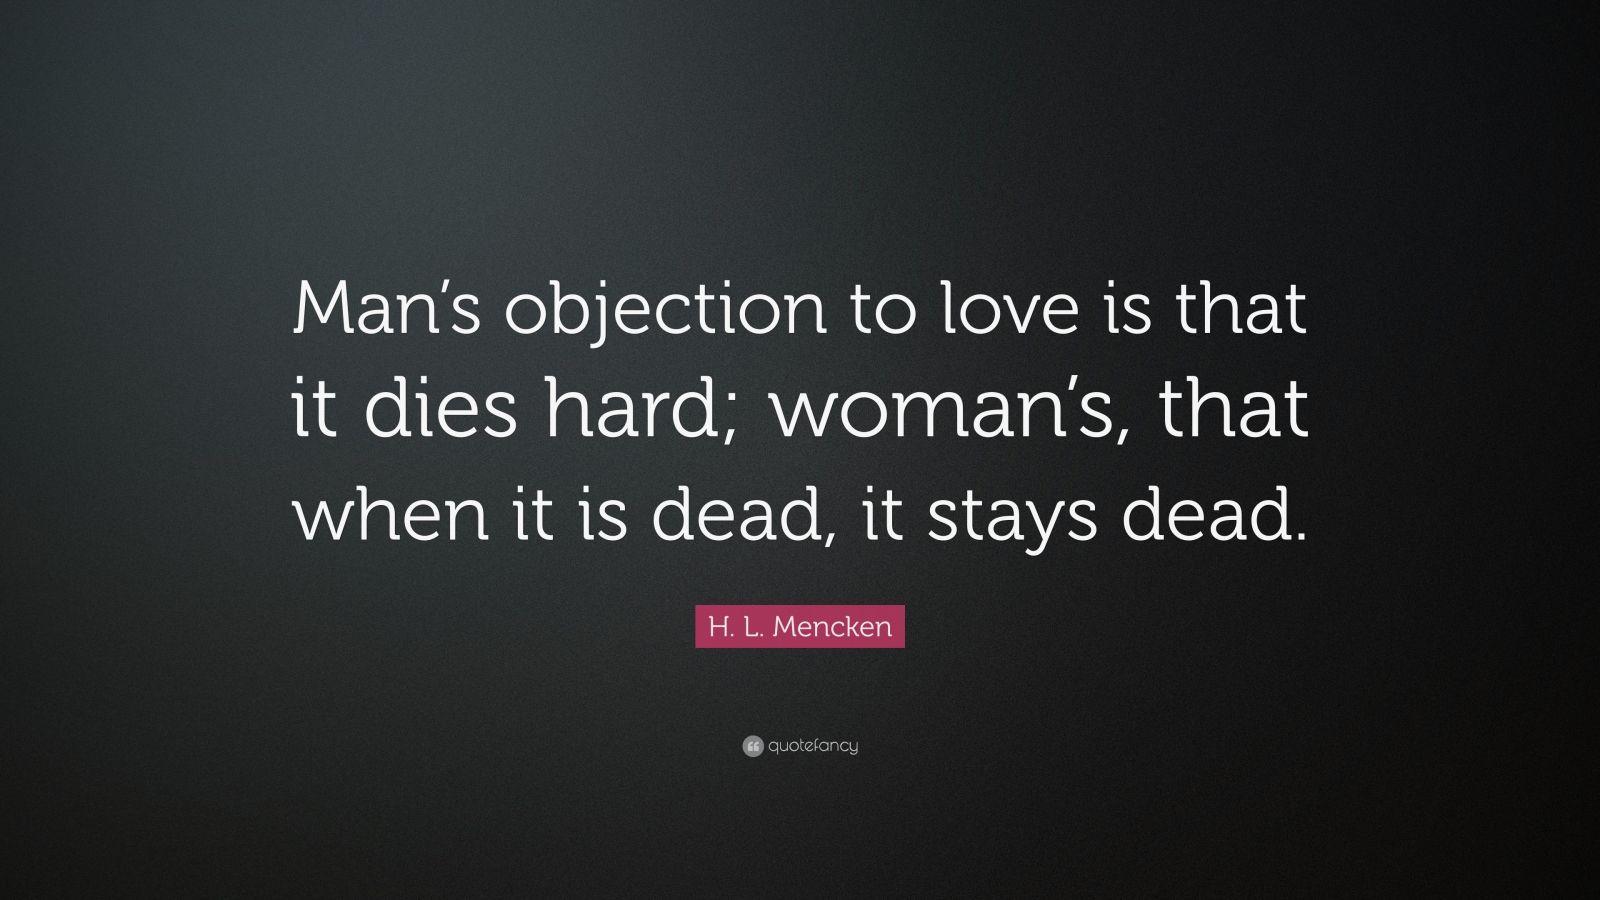 """H. L. Mencken Quote: """"Man's objection to love is that it dies hard; woman's, that when it is dead, it stays dead."""""""